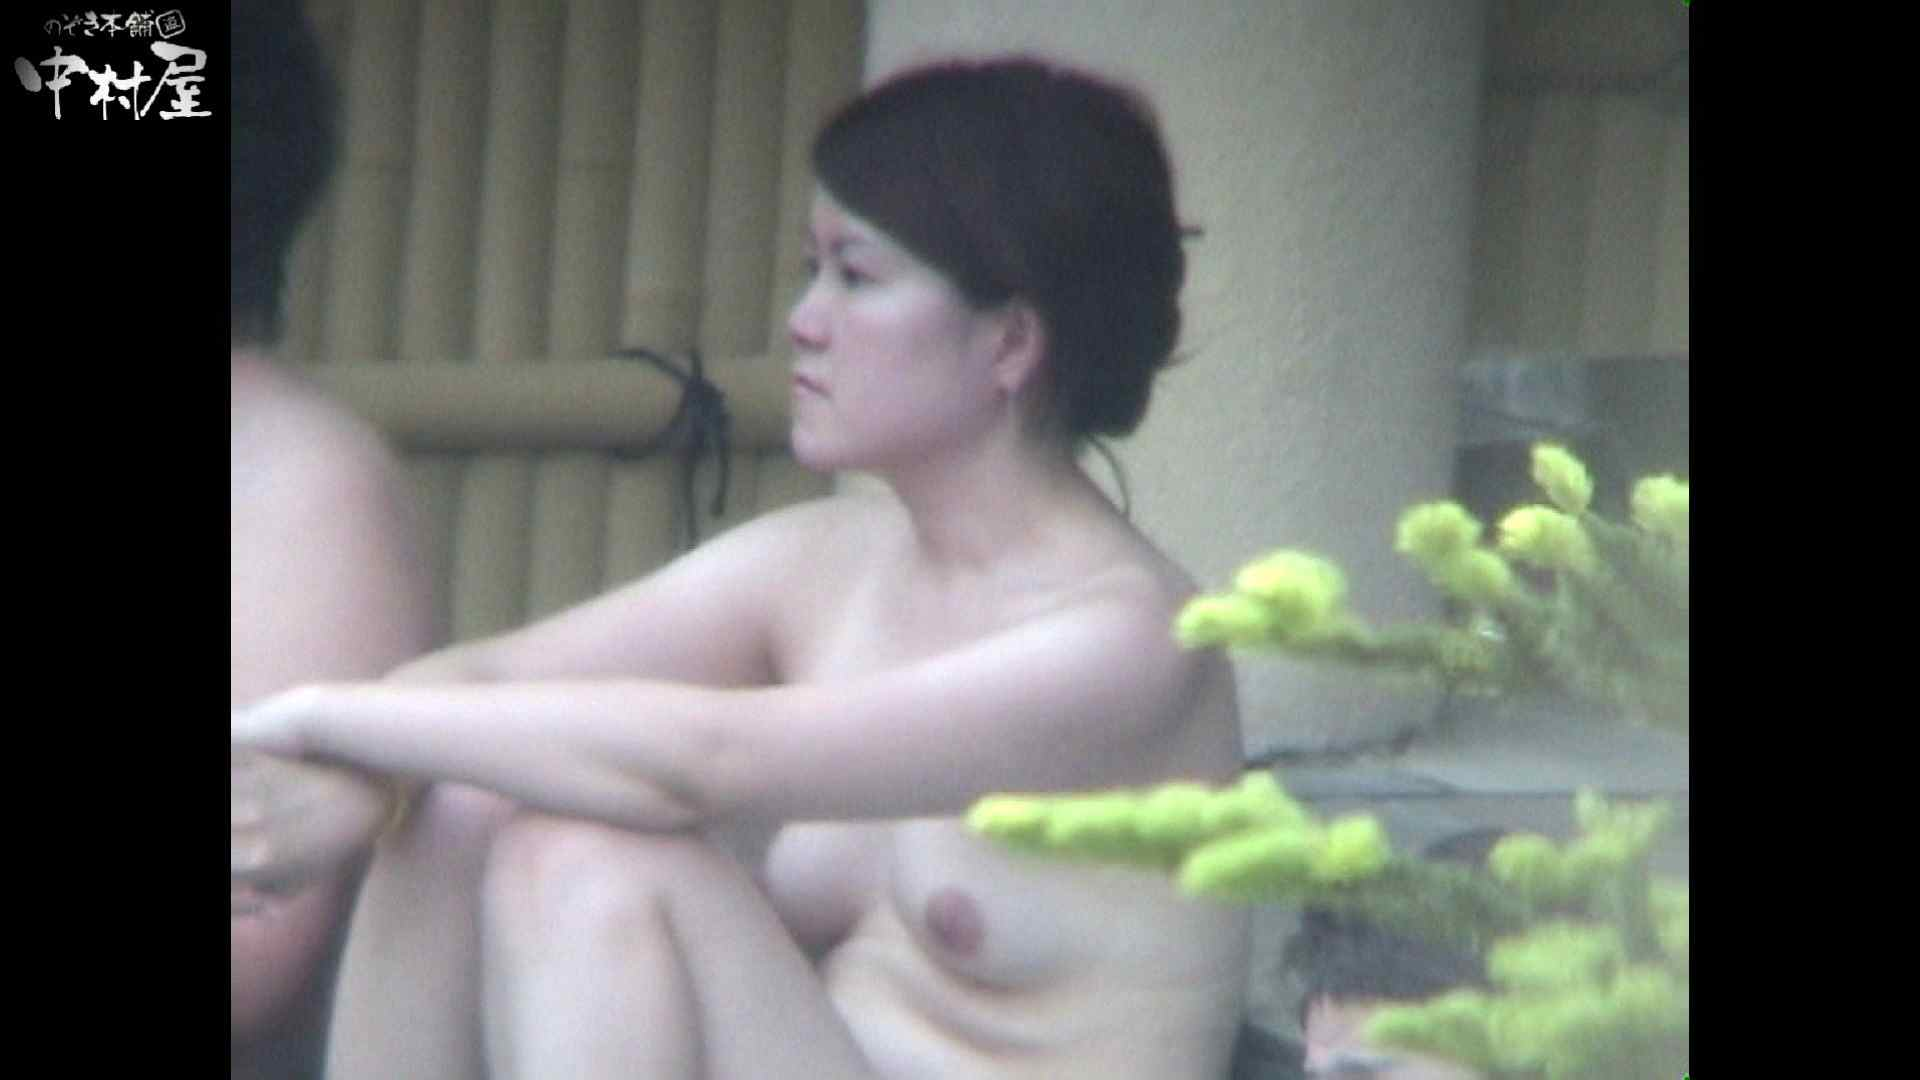 Aquaな露天風呂Vol.935 露天  106画像 69